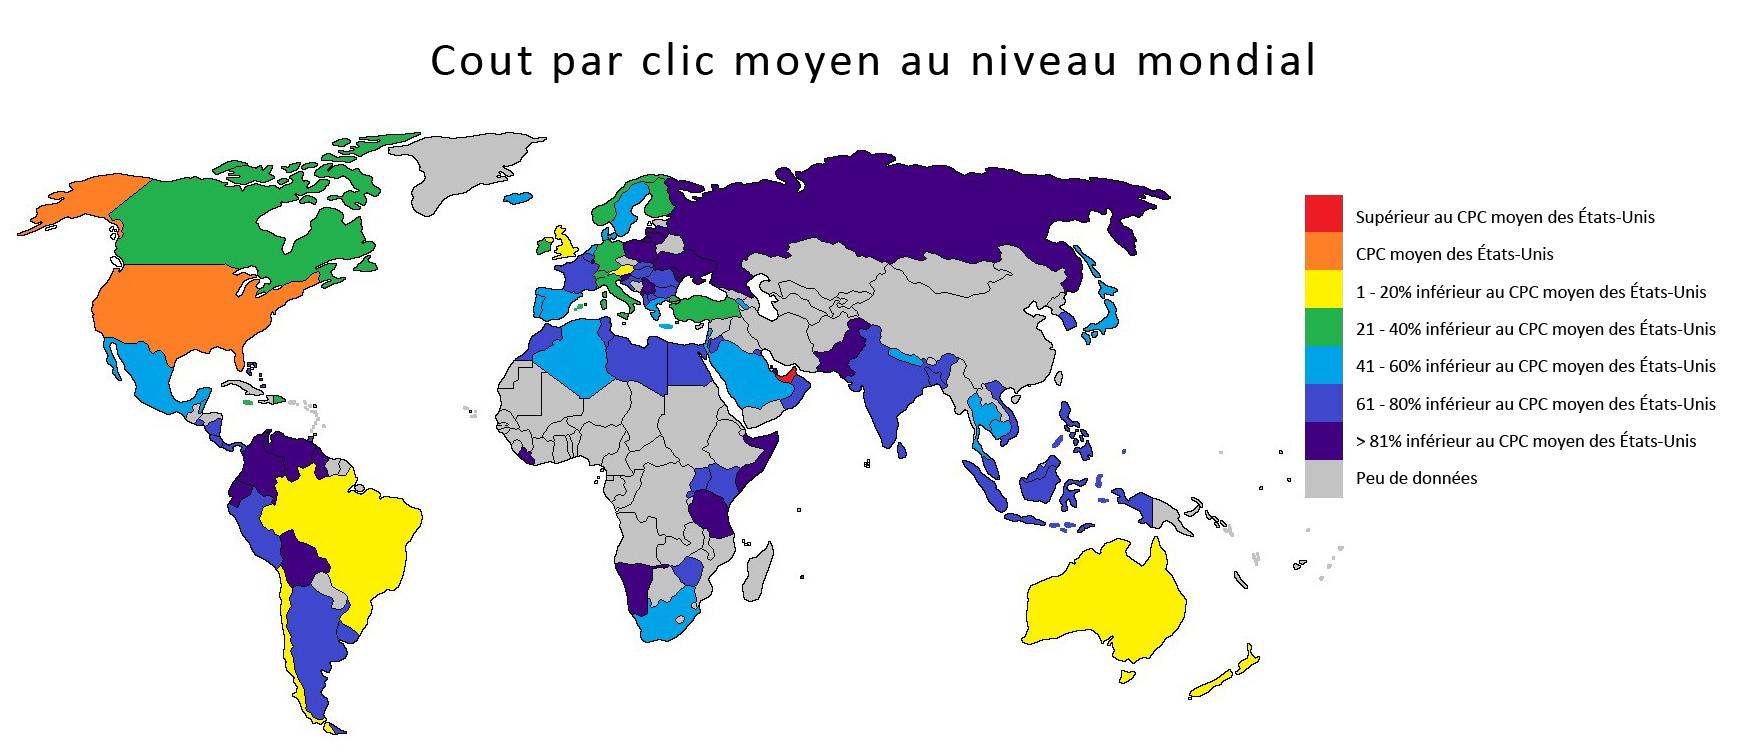 CPC moyen par pays